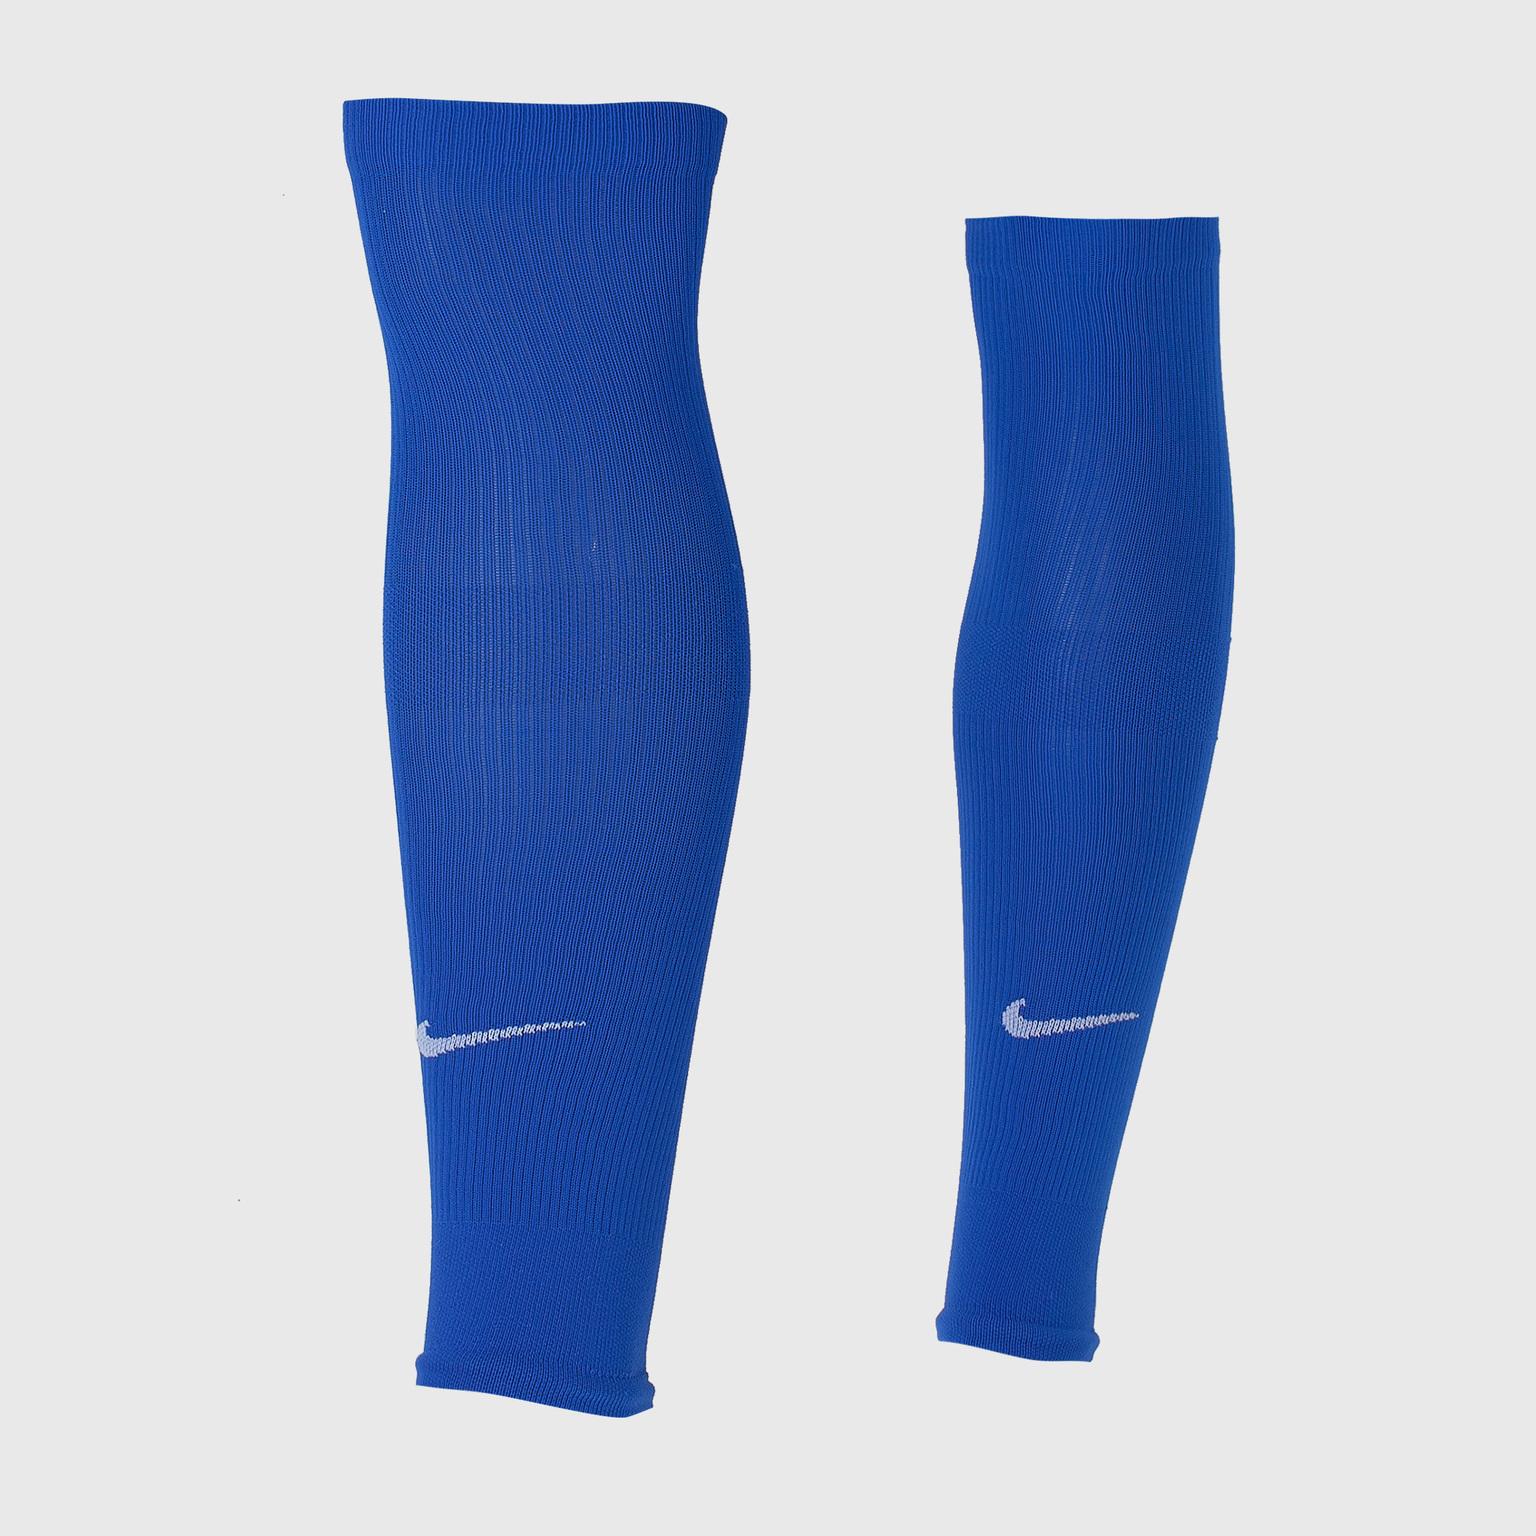 Гетры Nike Squad Sleeve SK0033-463 гетры nike strike light otc wc sx6938 463